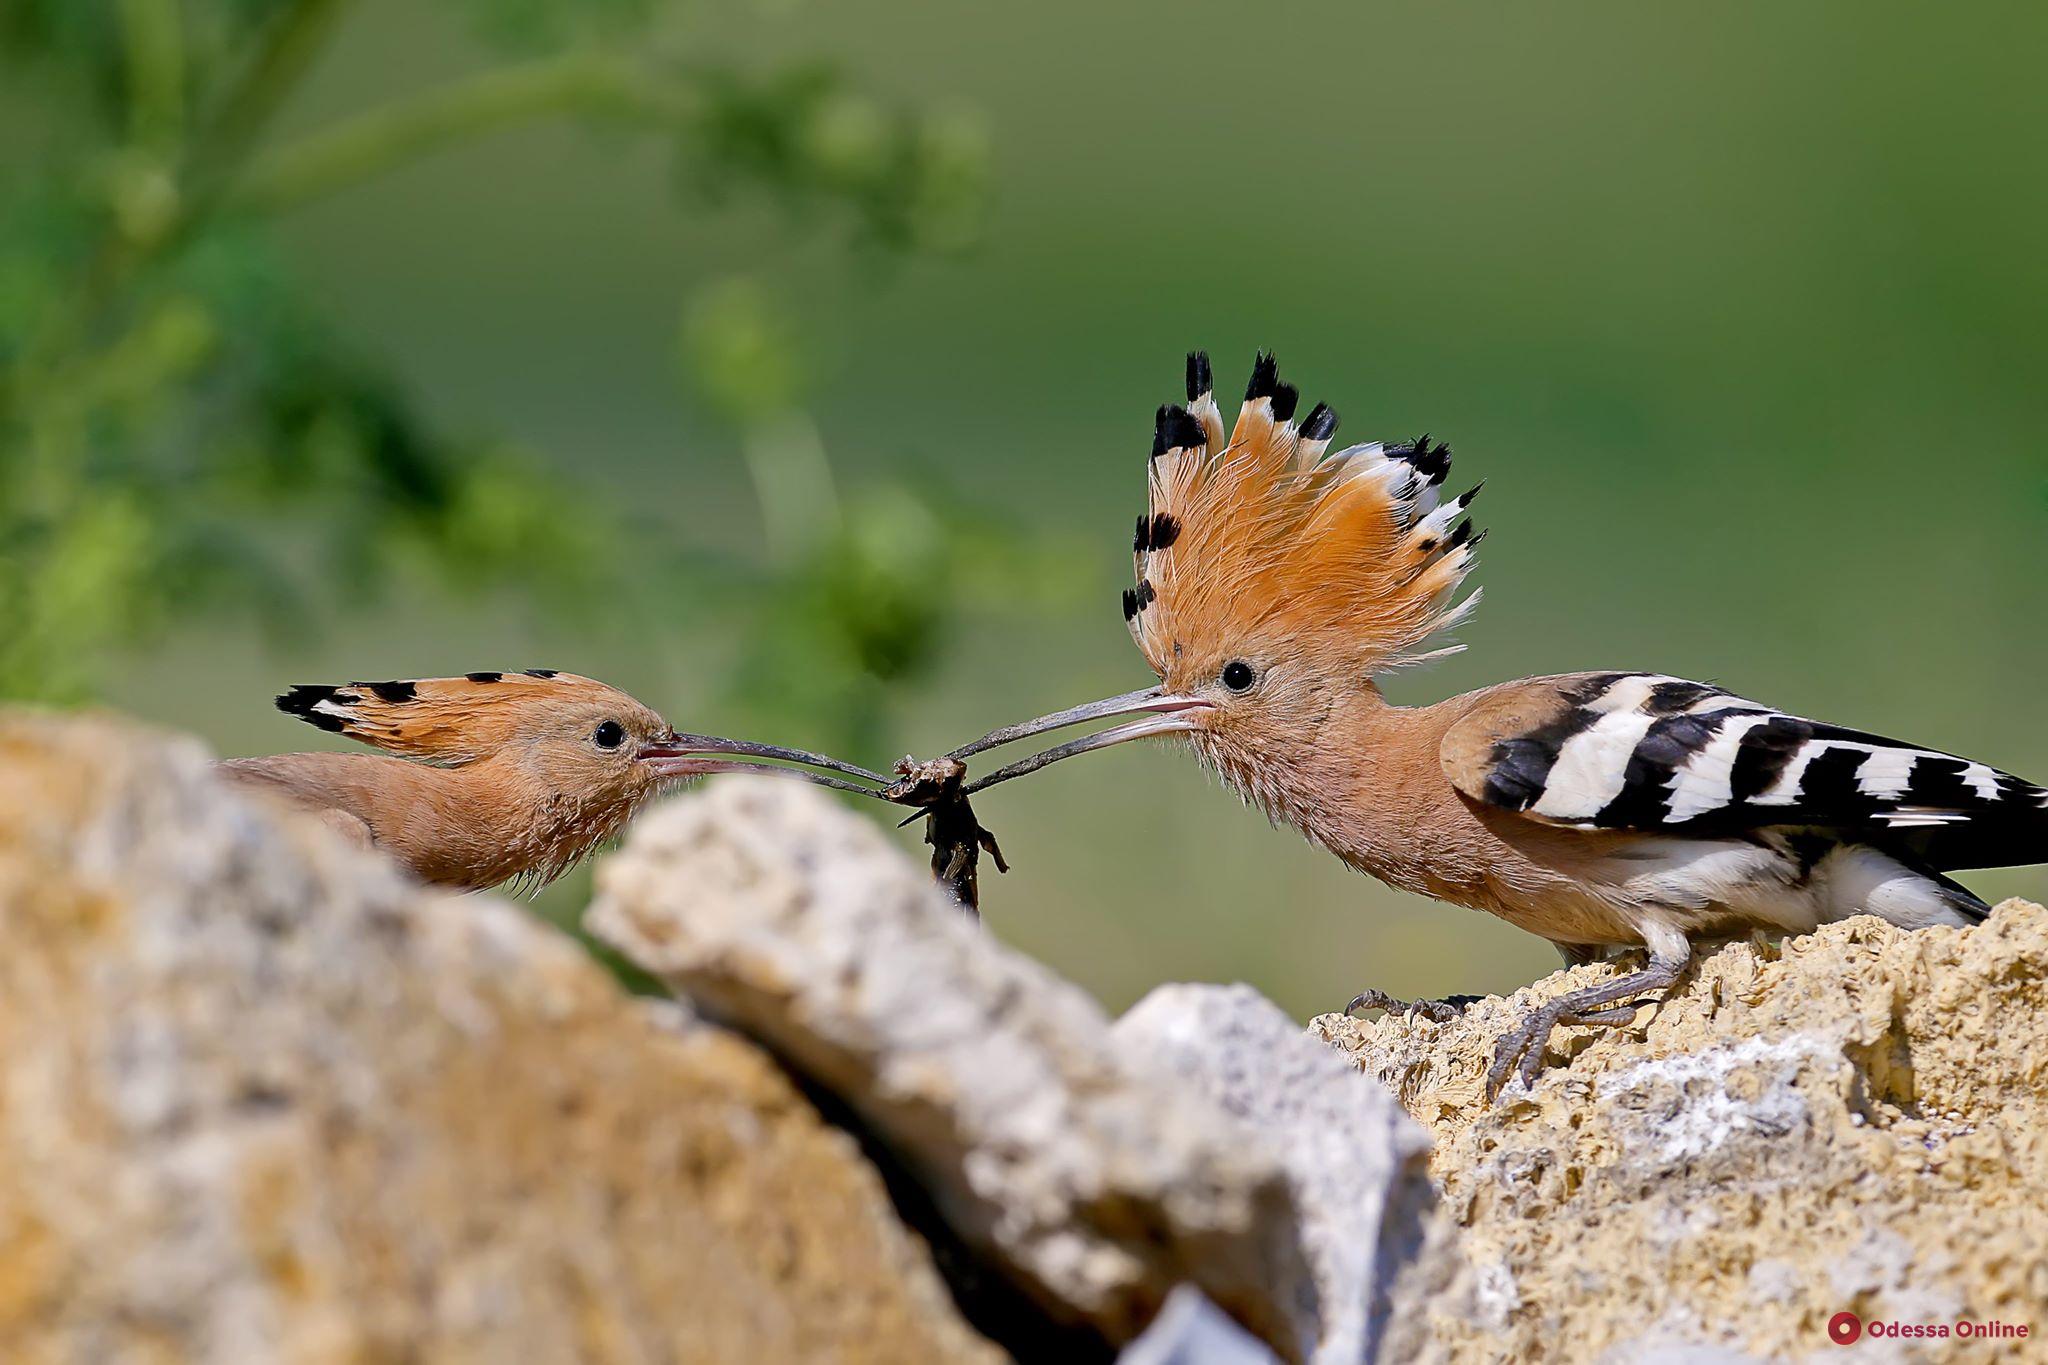 Экстремальные условия, железное терпение, талант и профессионализм: что кроется за красивыми фотографиями дикой природы